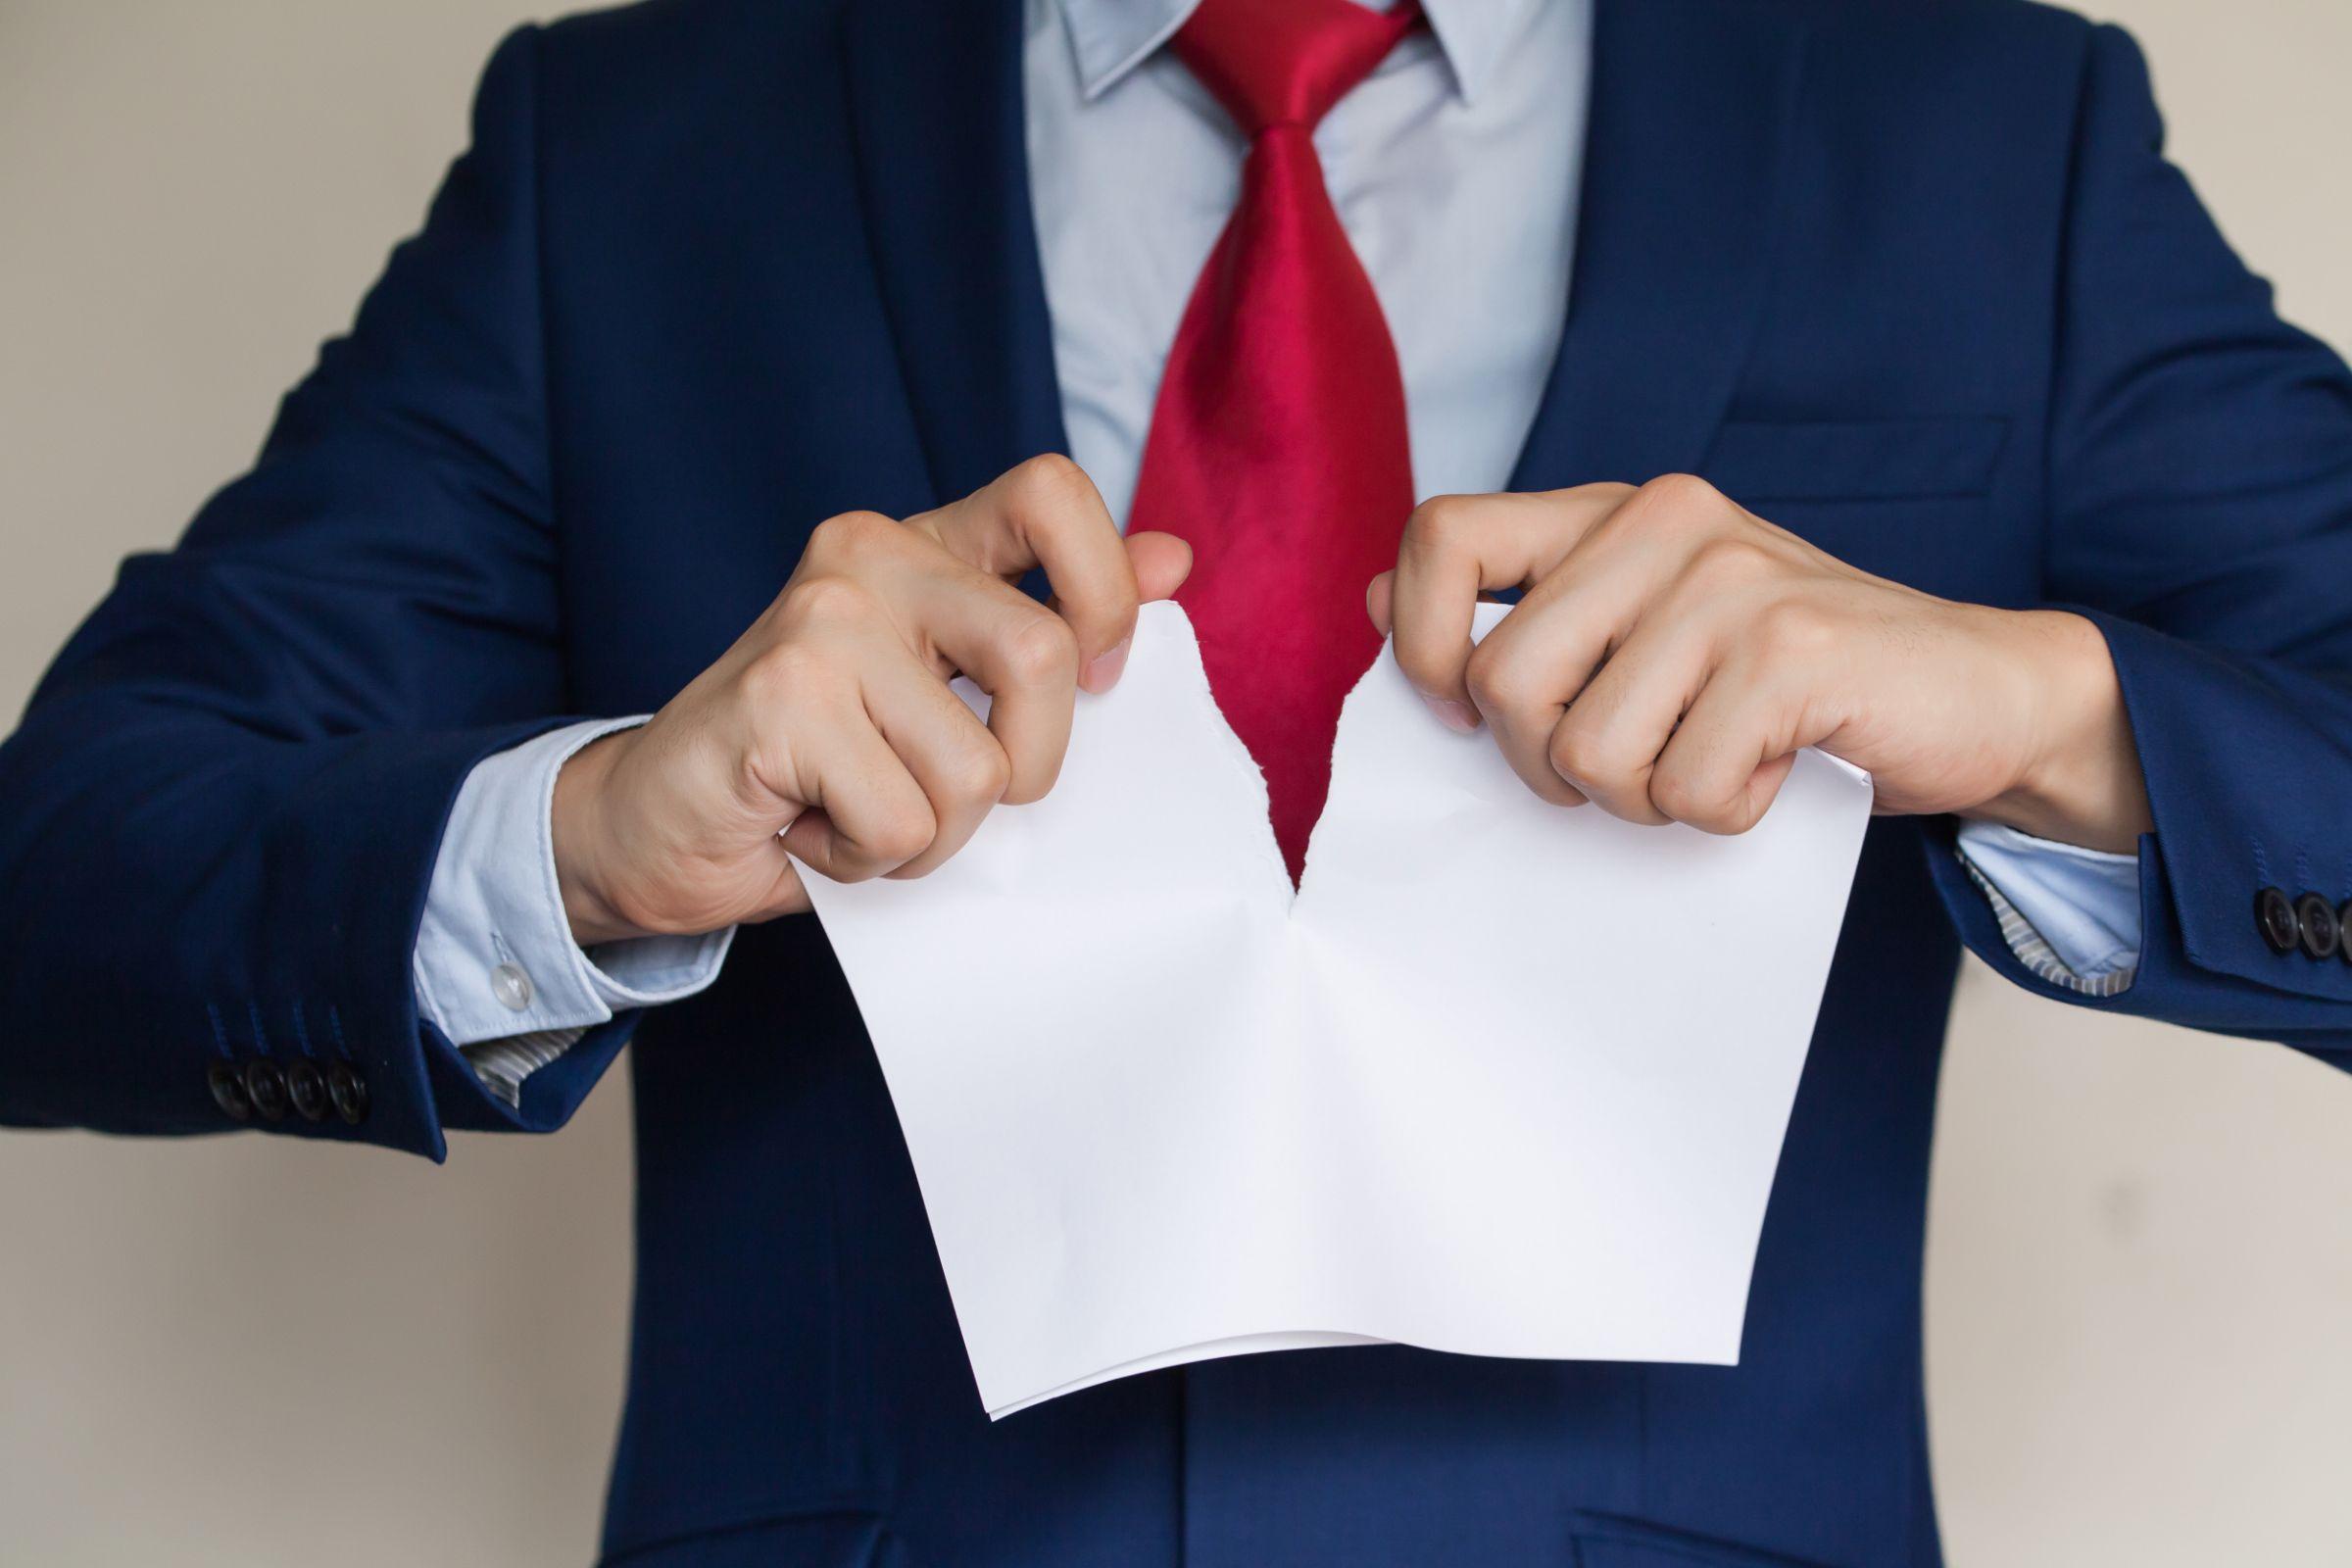 Garantia: fábricas inventam várias desculpas para não honrar